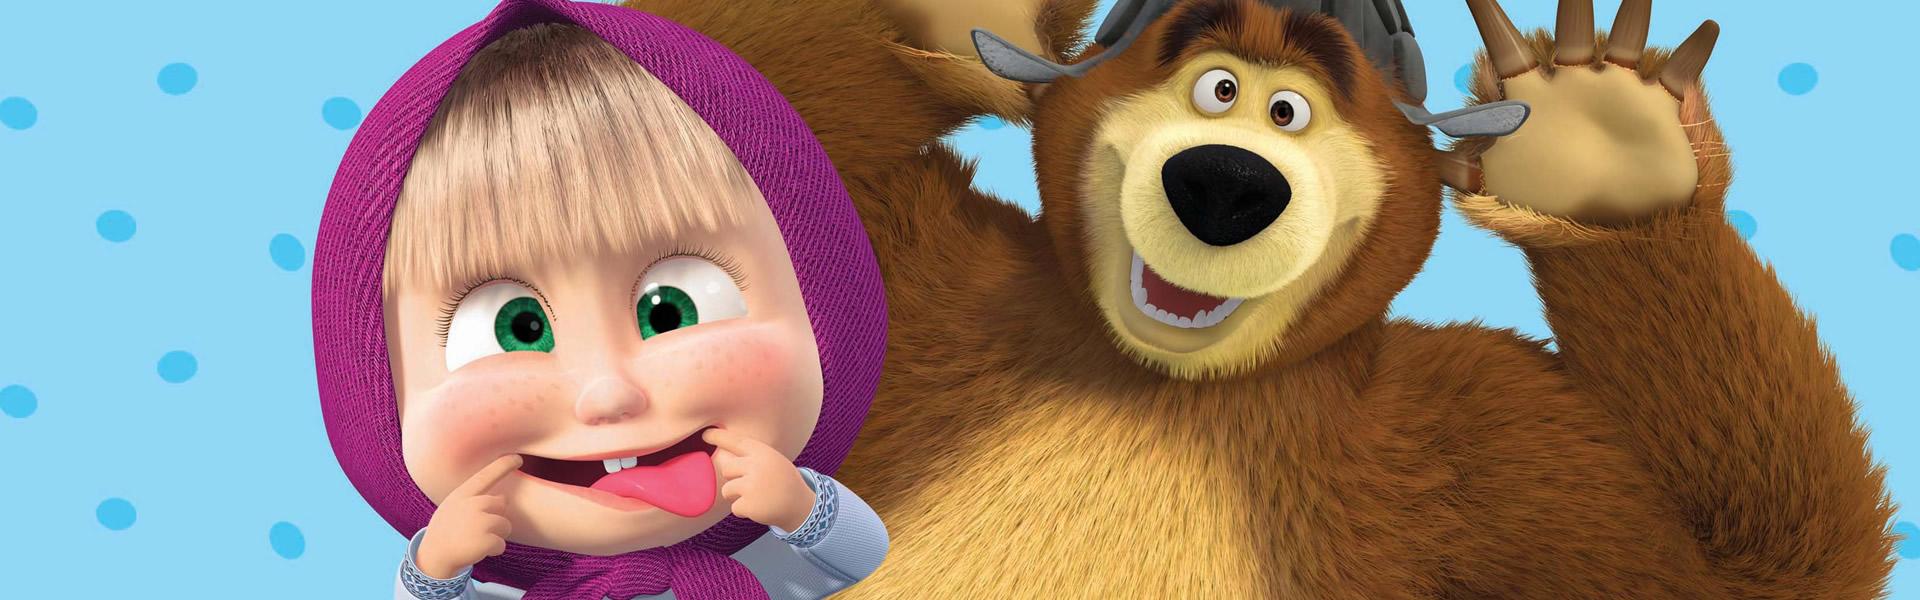 Cartoni animati Masha e Orso in italiano